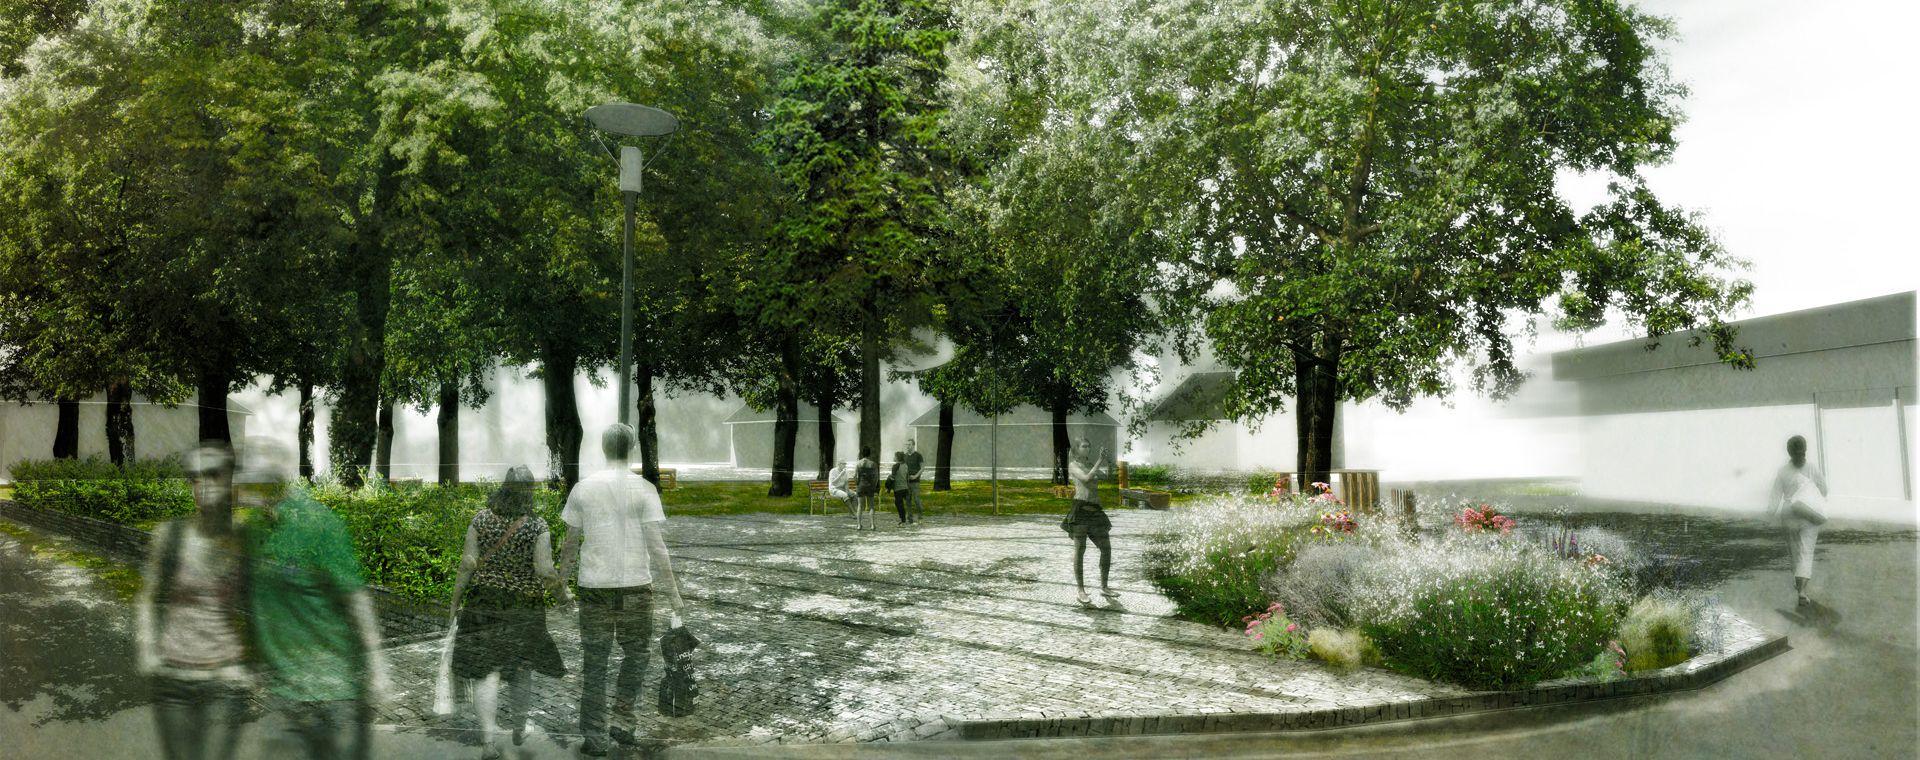 Městské náměstí v Čaradiciach, 2012-2013, SK